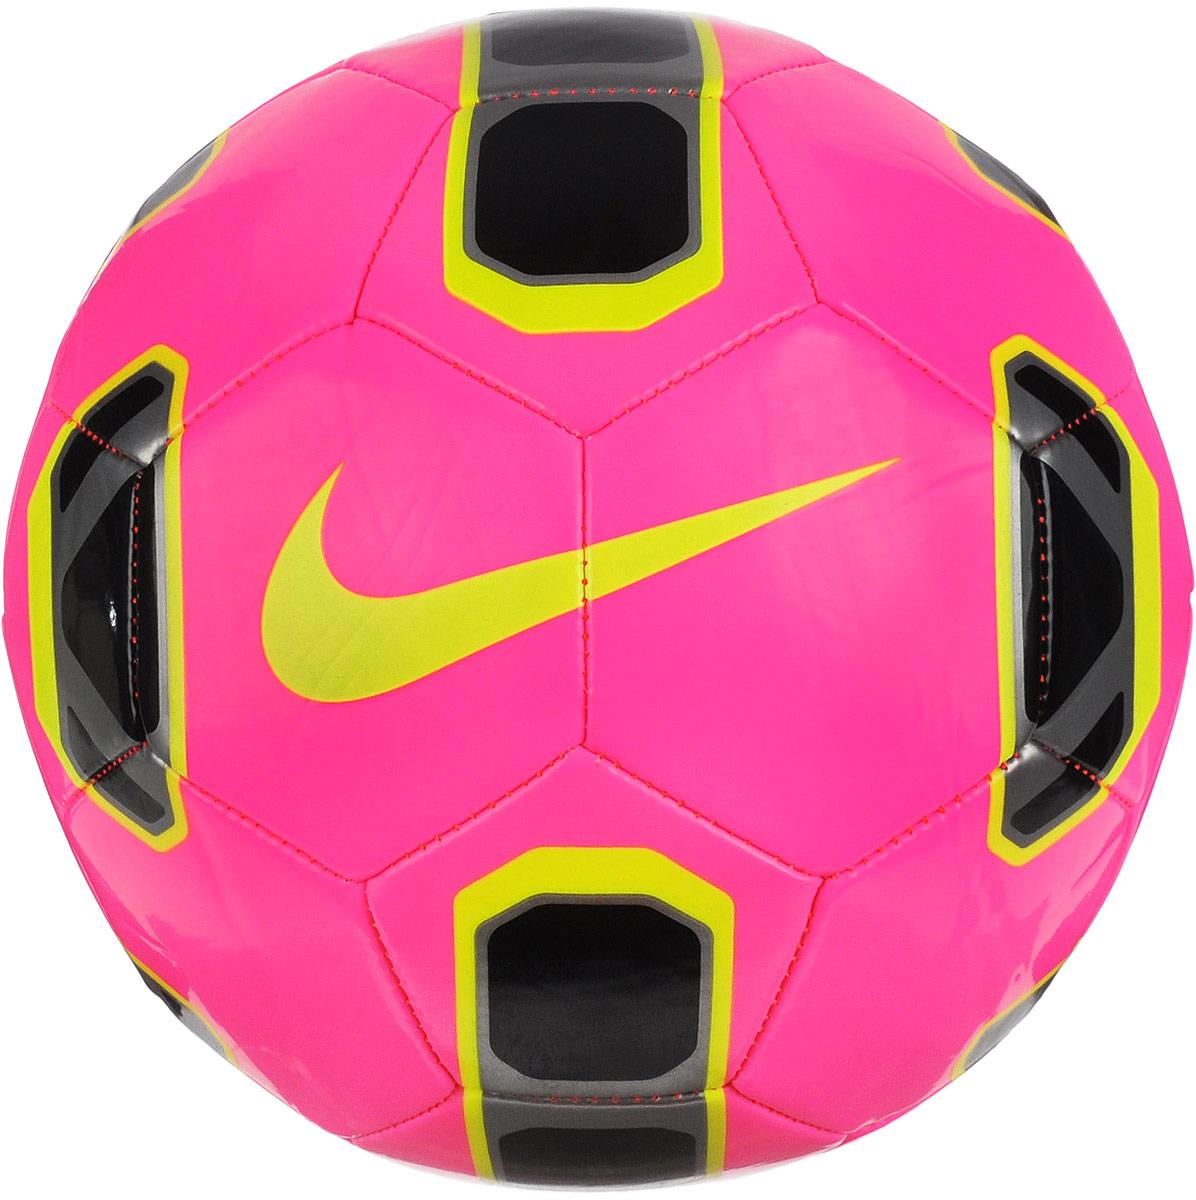 Мяч футбольный Nike Stadium, цвет: розовый, желтый, черный. Размер 5SC2942-639Футбольный мяч Nike Stadium применяется для тренировок или любительских игр. Традиционная конструкция из 32 панелей обеспечивает правильную и точную траекторию полета. Машинная строчка на панелях из синтетического материала гарантирует прочность и превосходное касание. Усиленная резиновая камера позволяет сохранить форму мяча. УВАЖЕМЫЕ КЛИЕНТЫ! Обращаем ваше внимание на тот факт, что мяч поставляется в сдутом виде. Насос в комплект не входит.